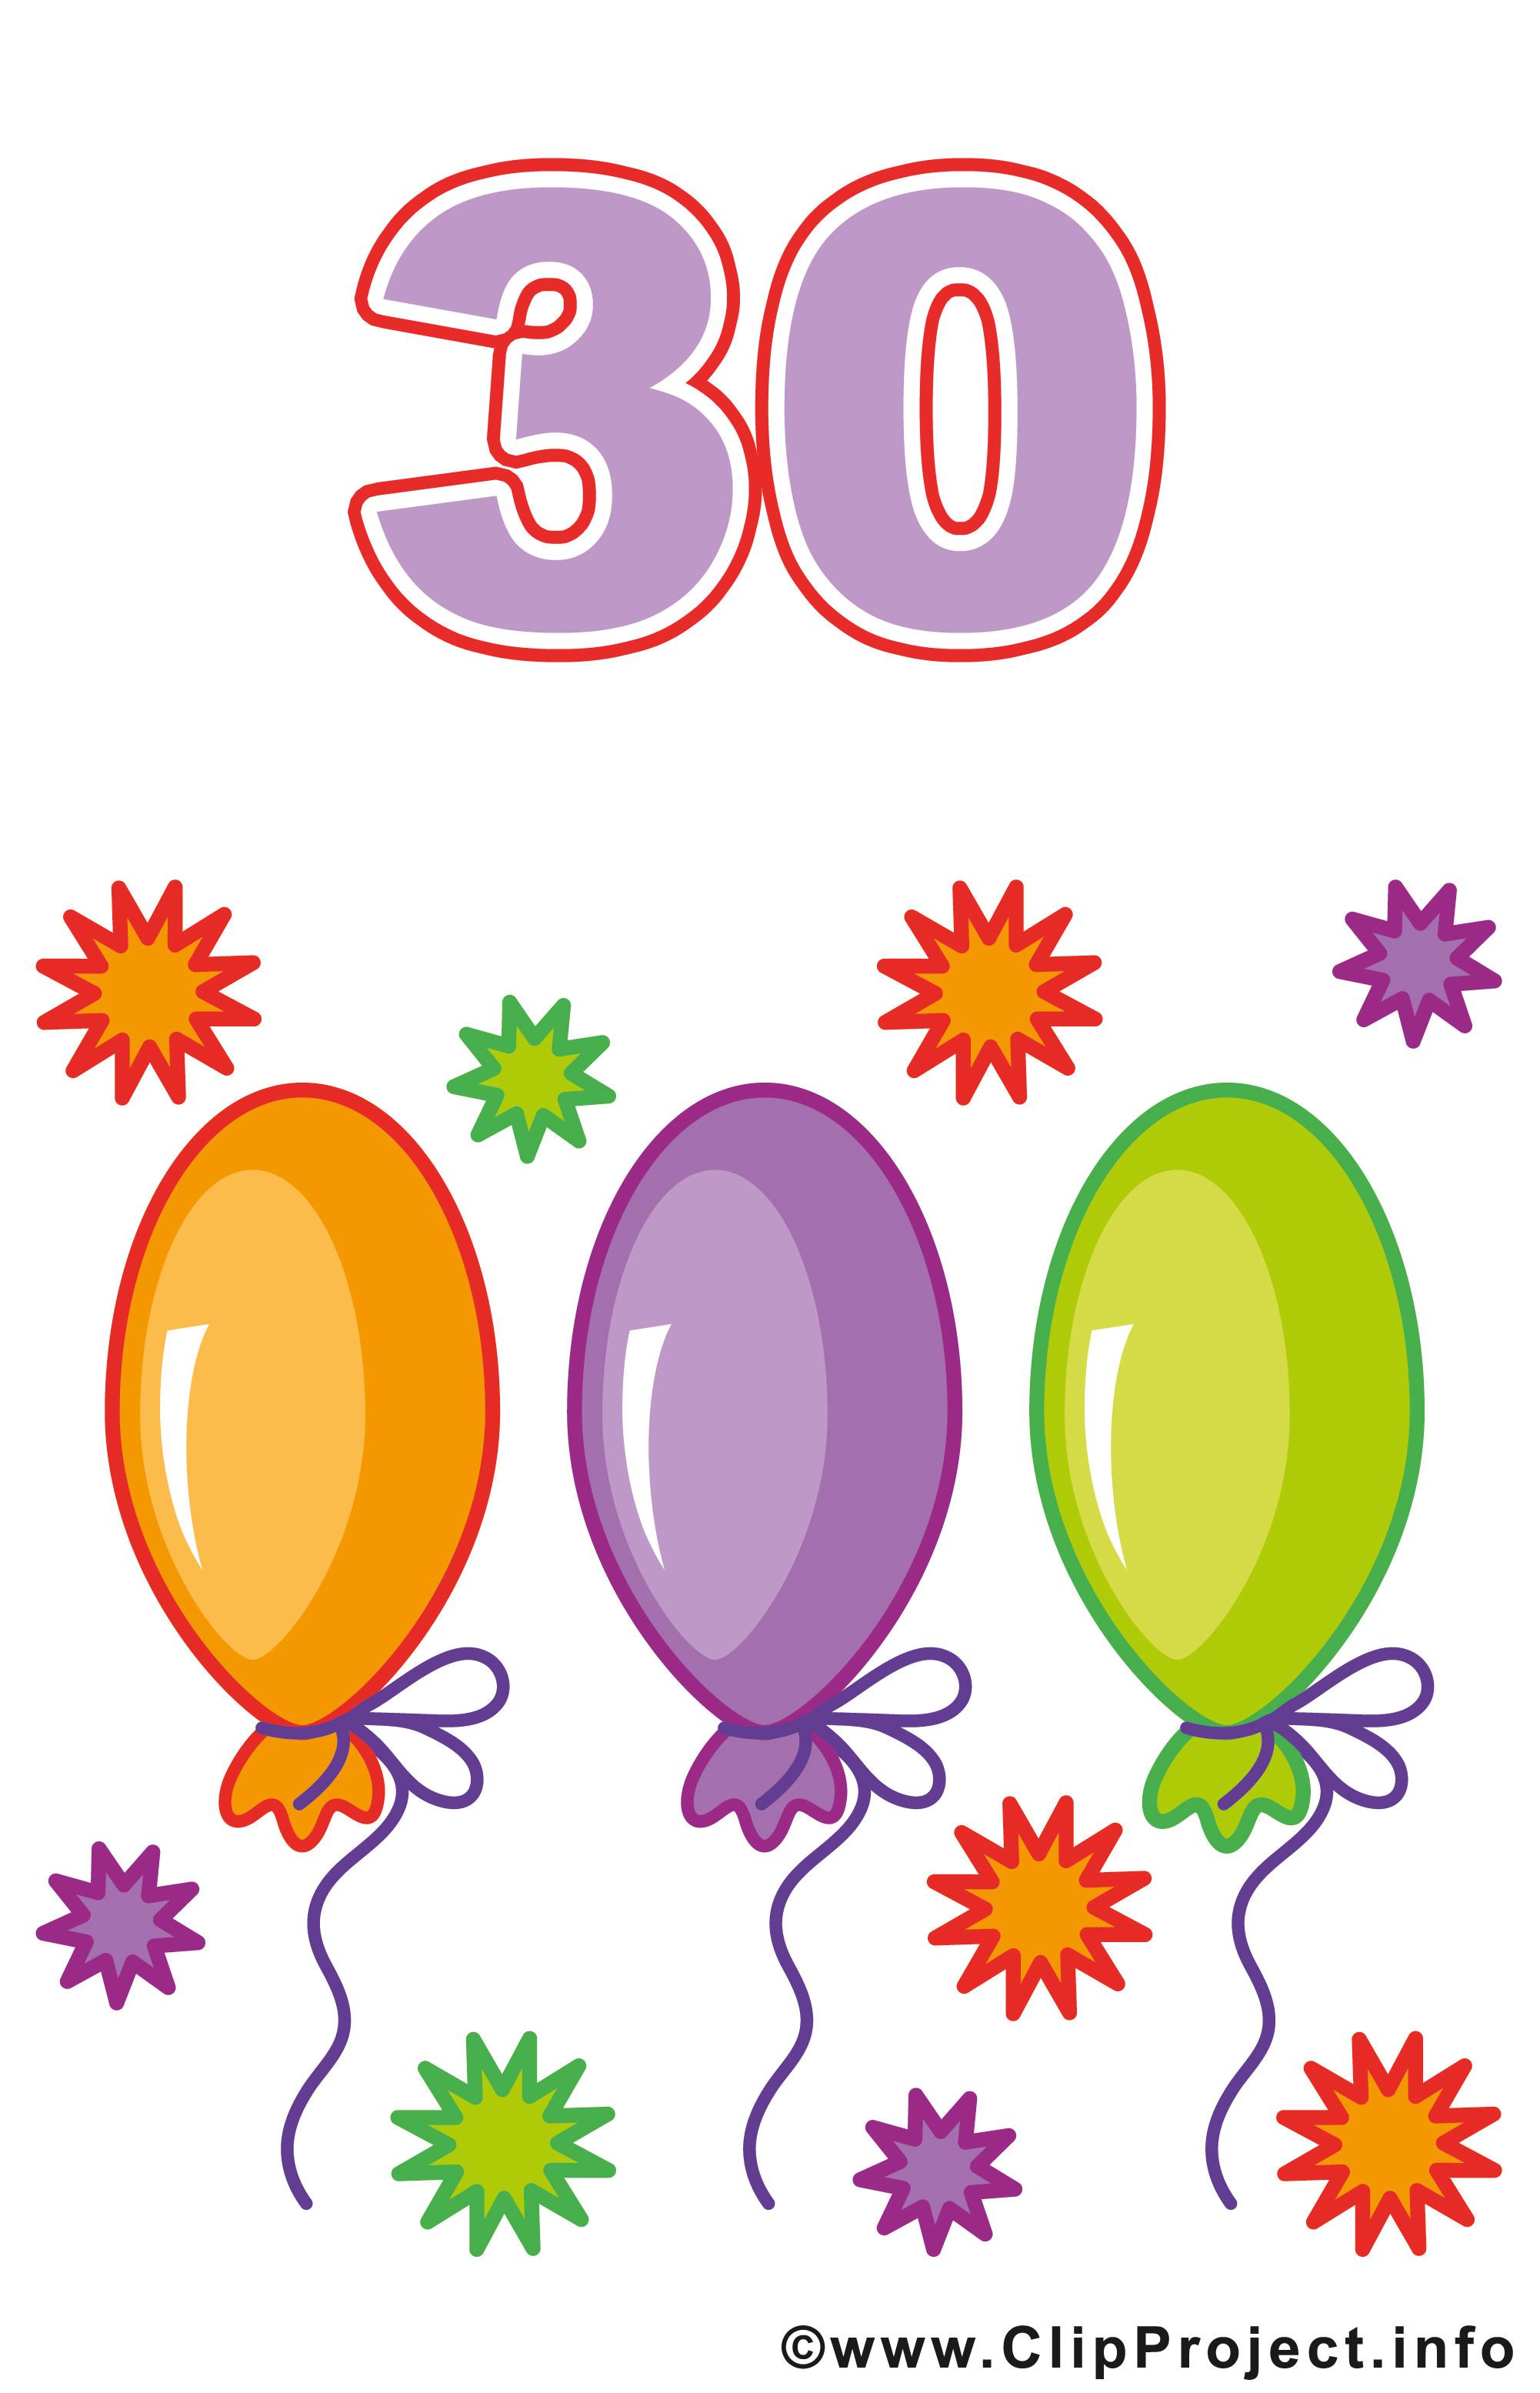 Geburtstagswünsche 30 Jahre  30 Geburtstag Bilder Clipart